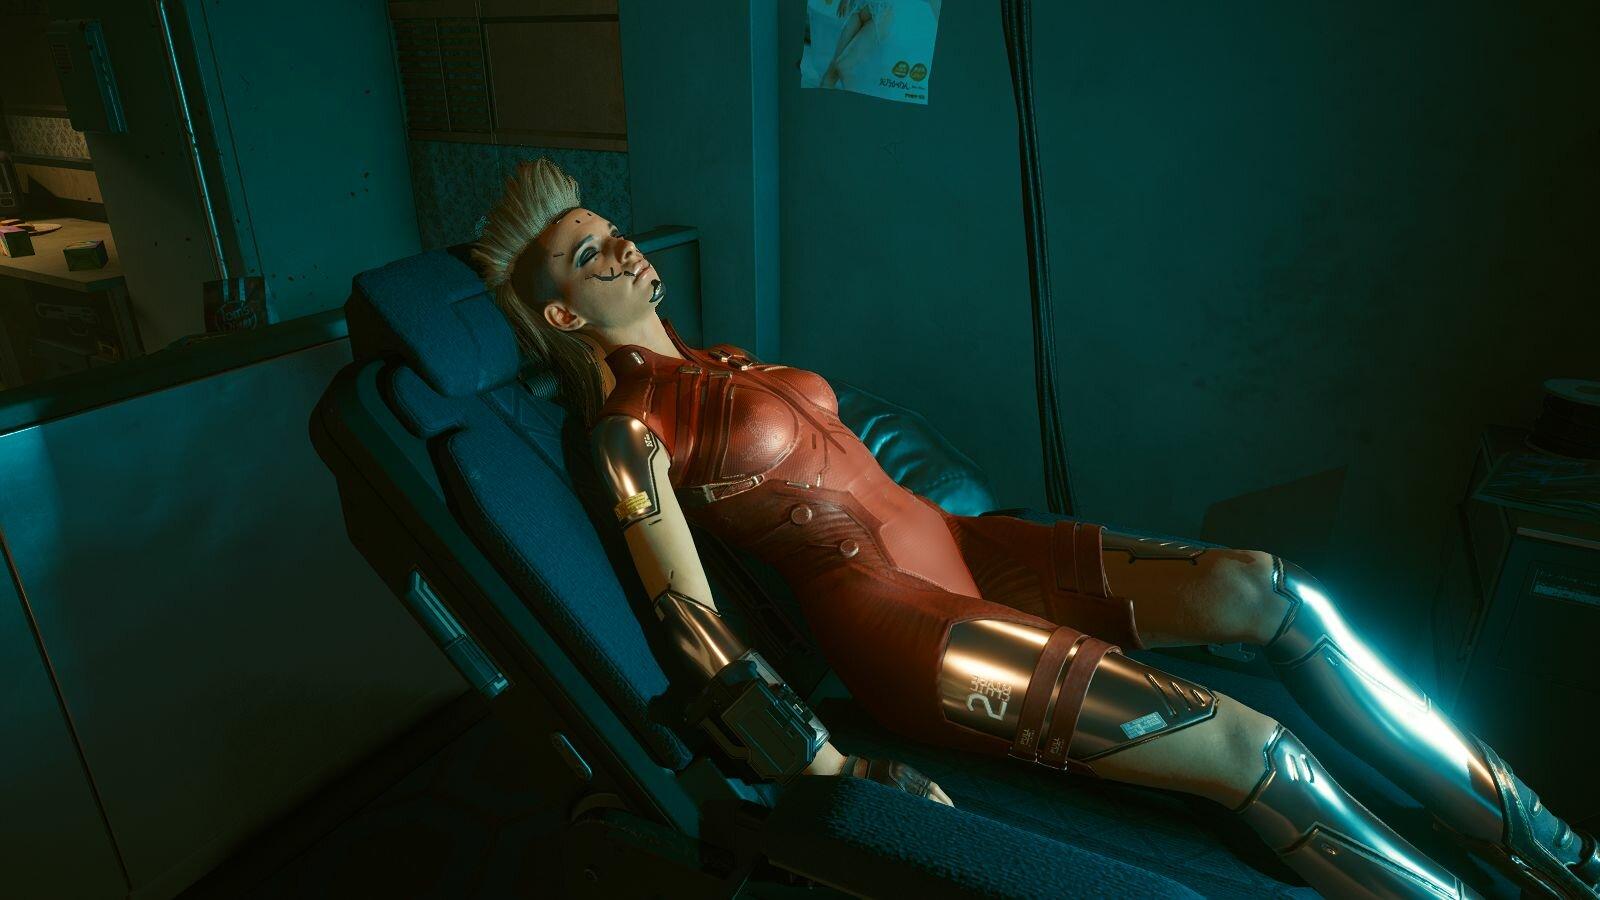 В Cyberpunk тоже есть спящие красавицы ;)